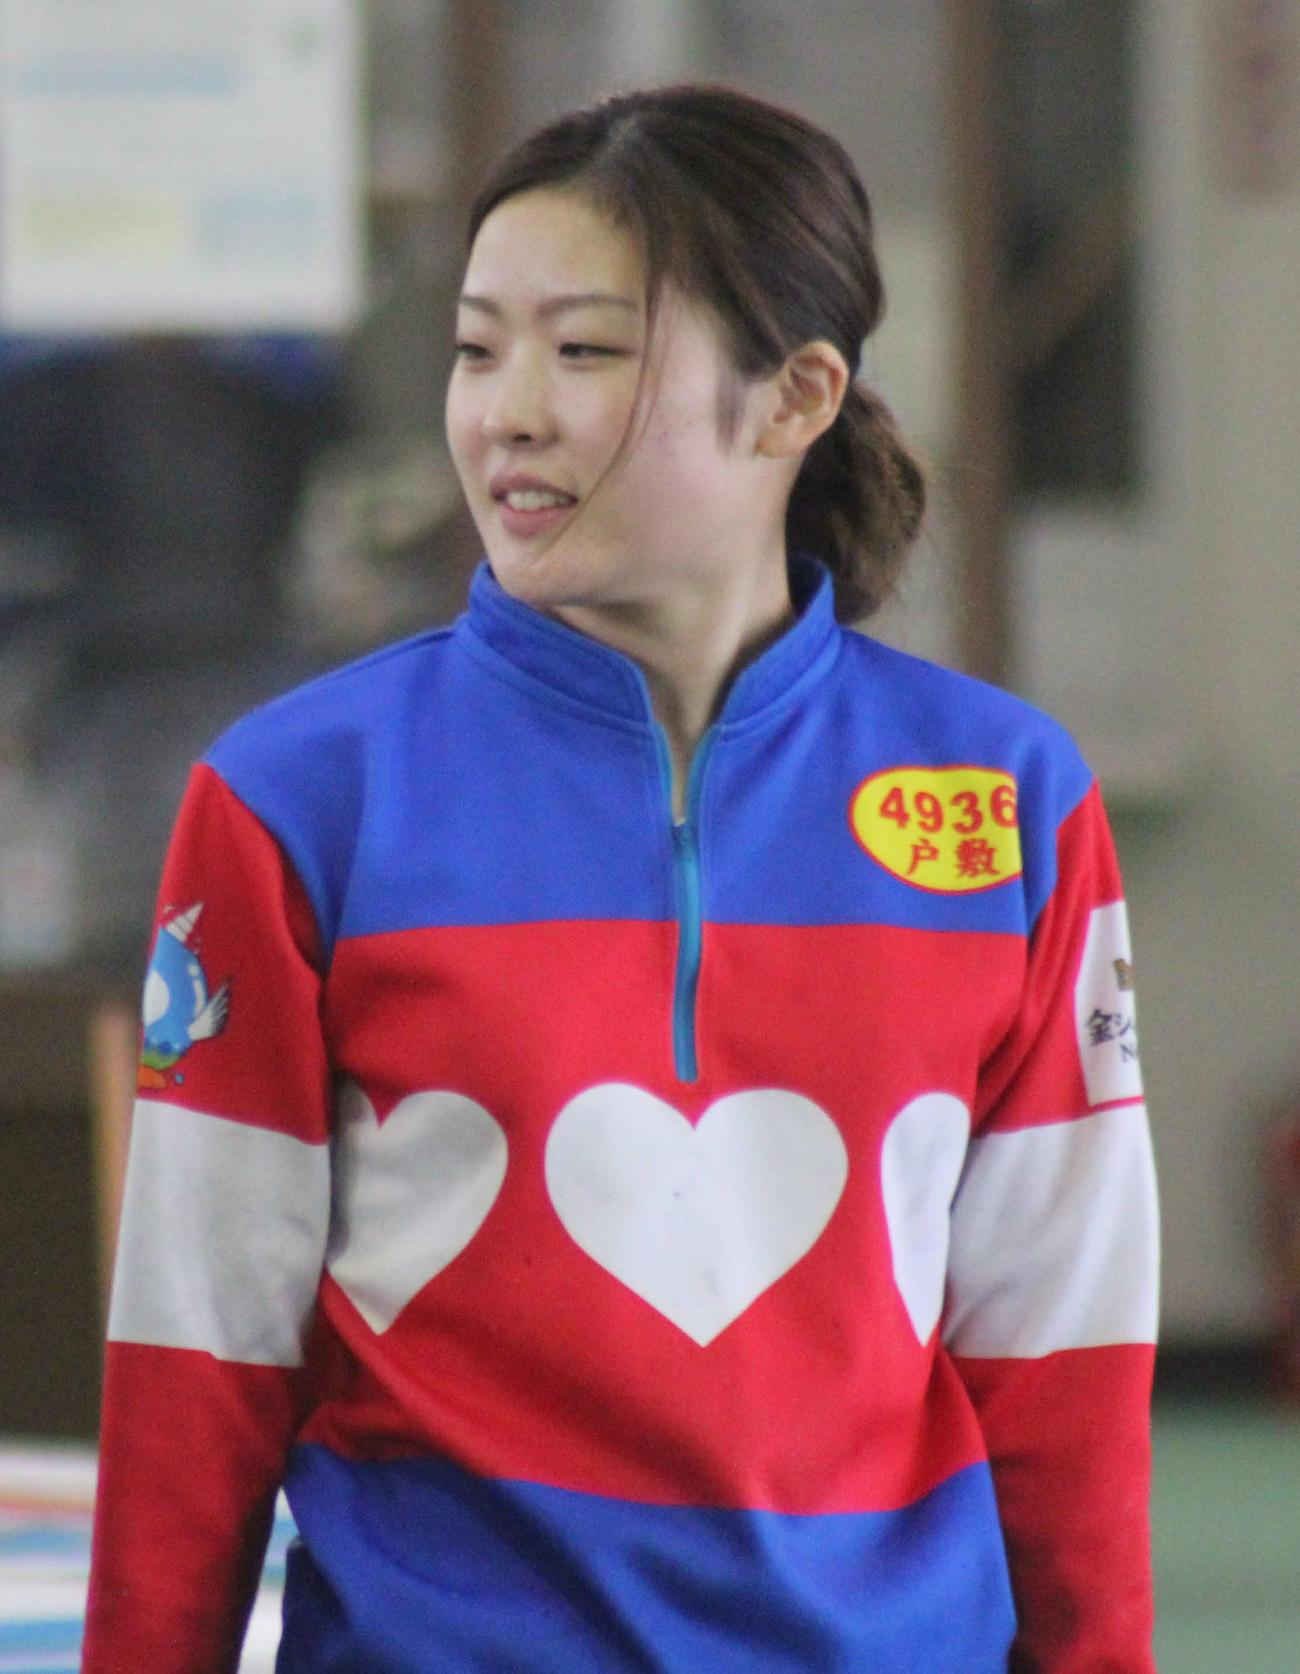 名古屋競馬所属の木之前葵騎手と同じデザインの服でピットを駆け回る戸敷晃美